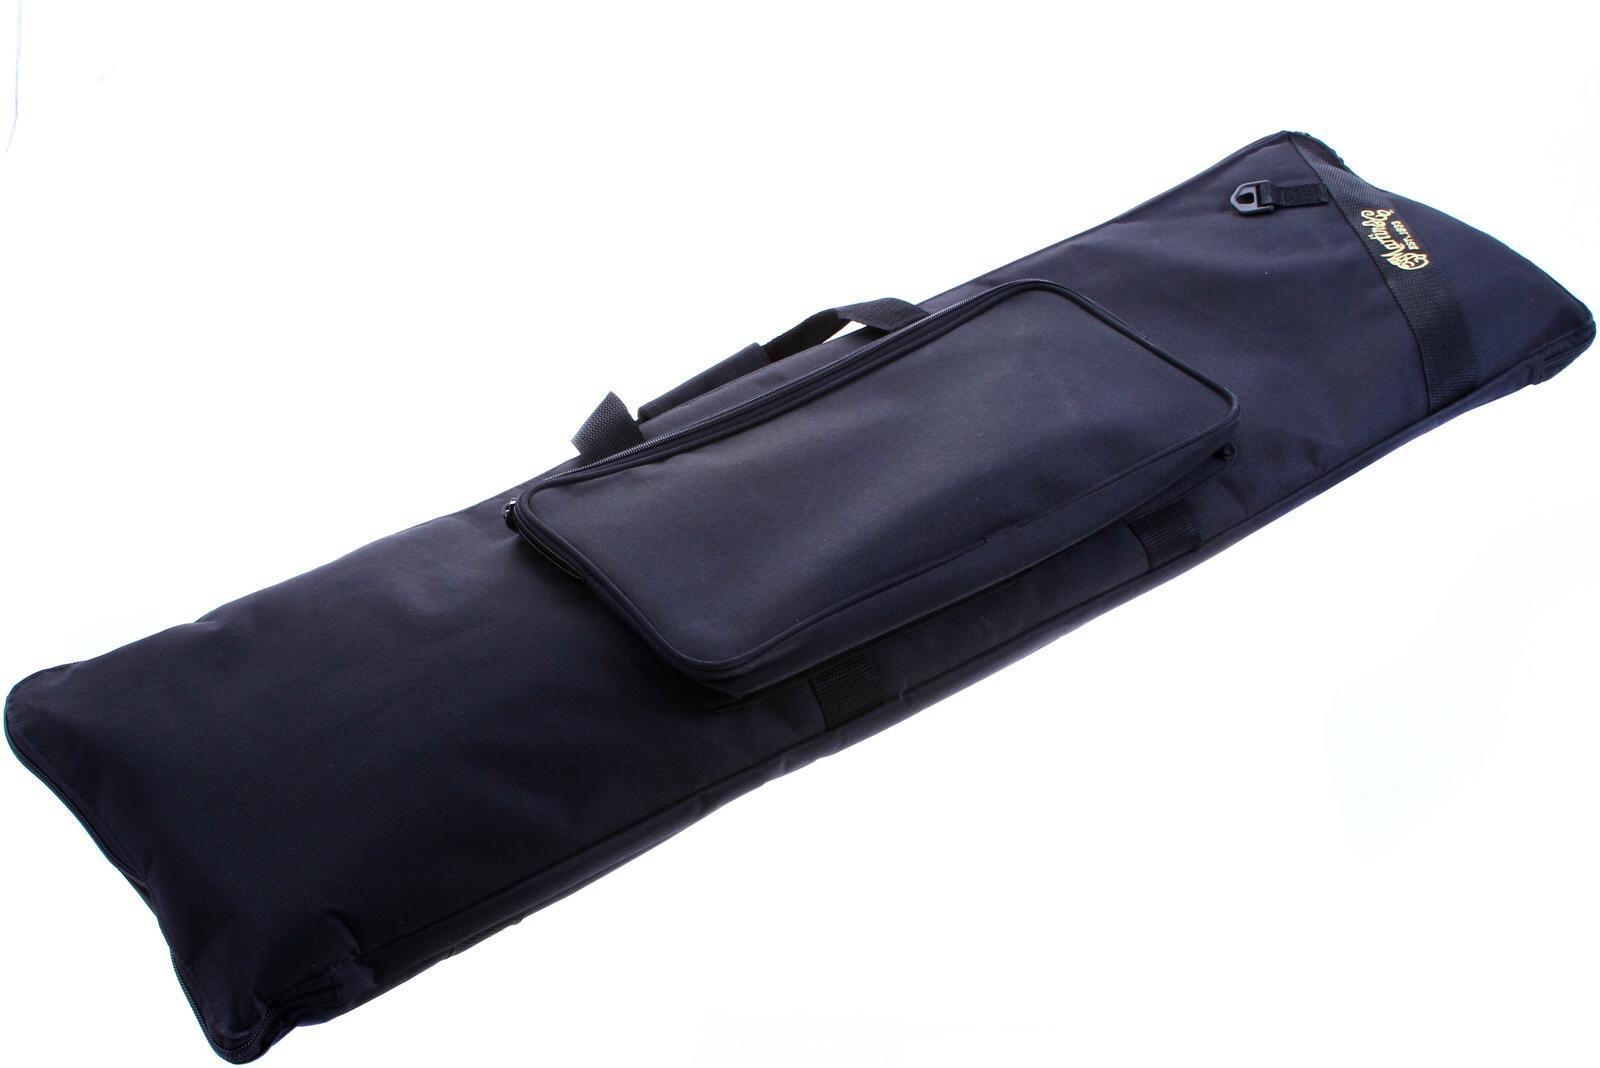 Martin Gig Bag BACKPACKER 専用ケース 【 お取り寄せ商品 】  マーチン バックパッカー GIGケース